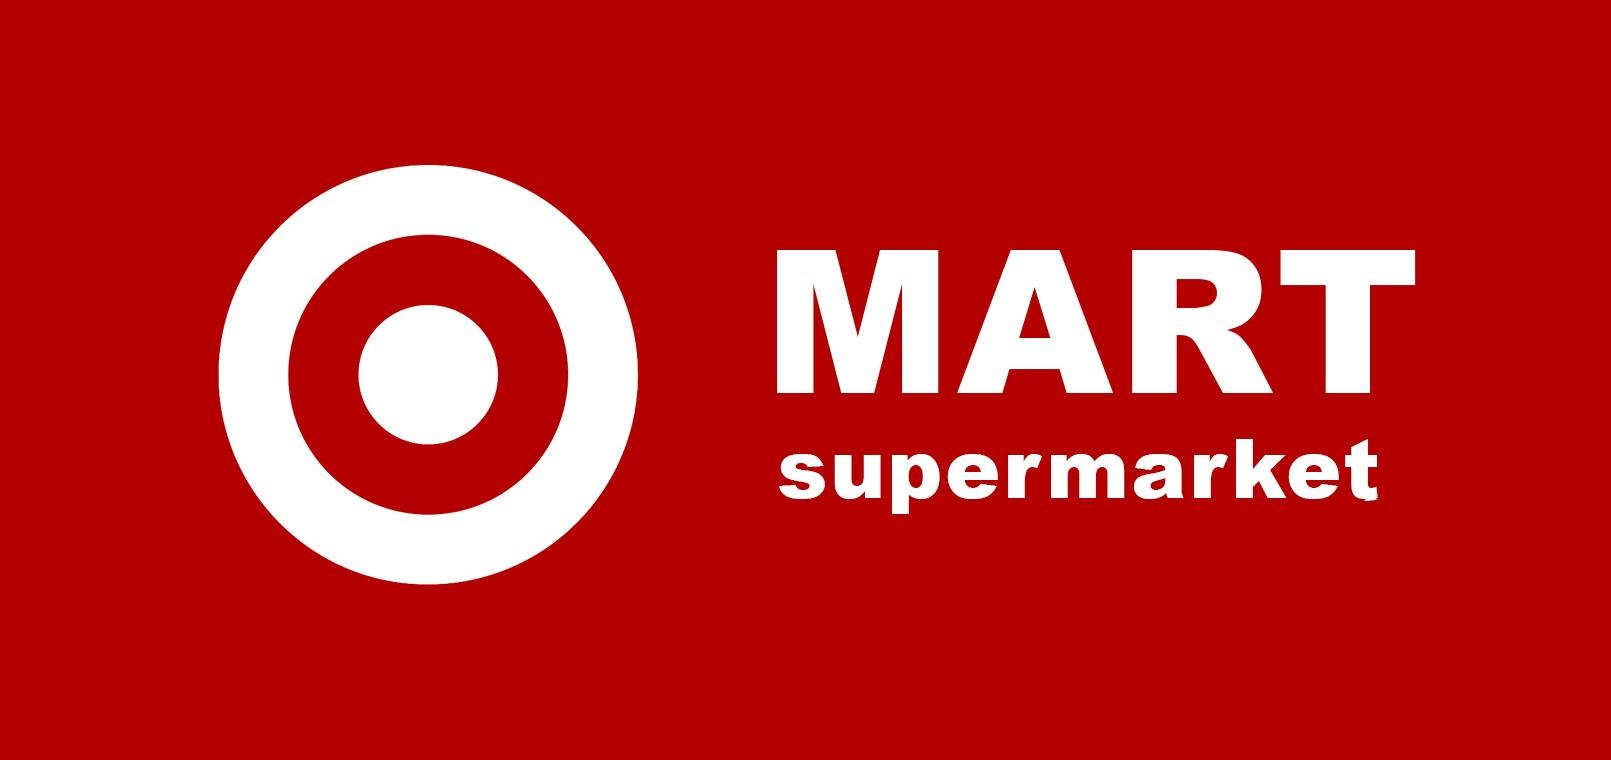 O Mart